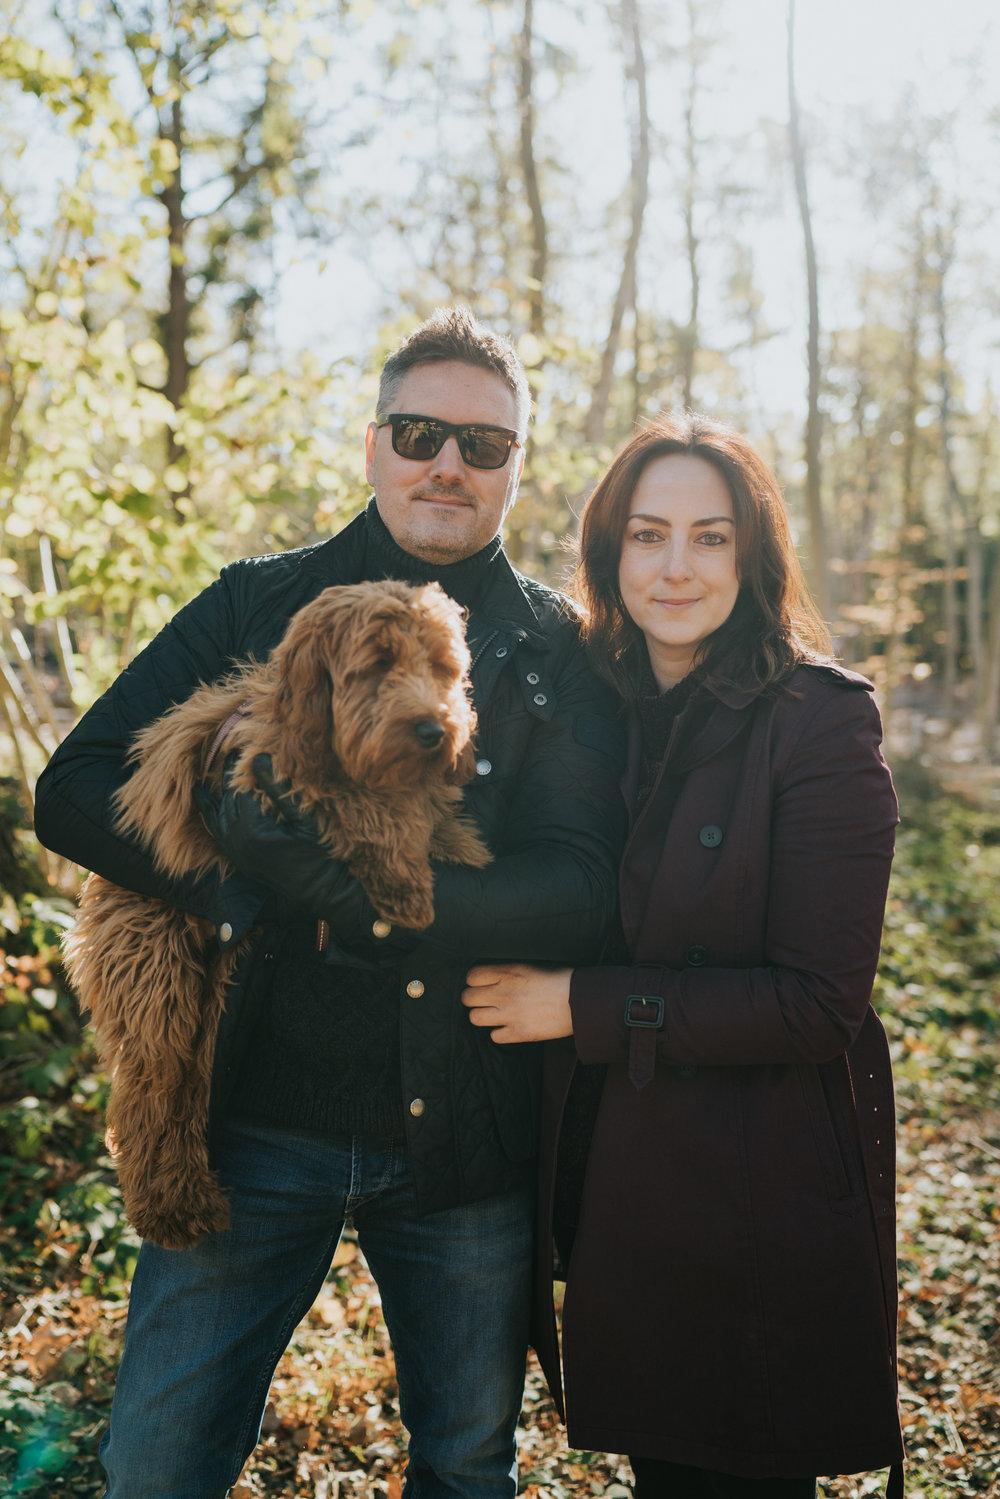 dow-woodland-family-session-colchester-essex-grace-elizabeth-colchester-essex-alternative-wedding-lifestyle-photographer-essex-suffolk-norfolk-devon (4 of 31).jpg